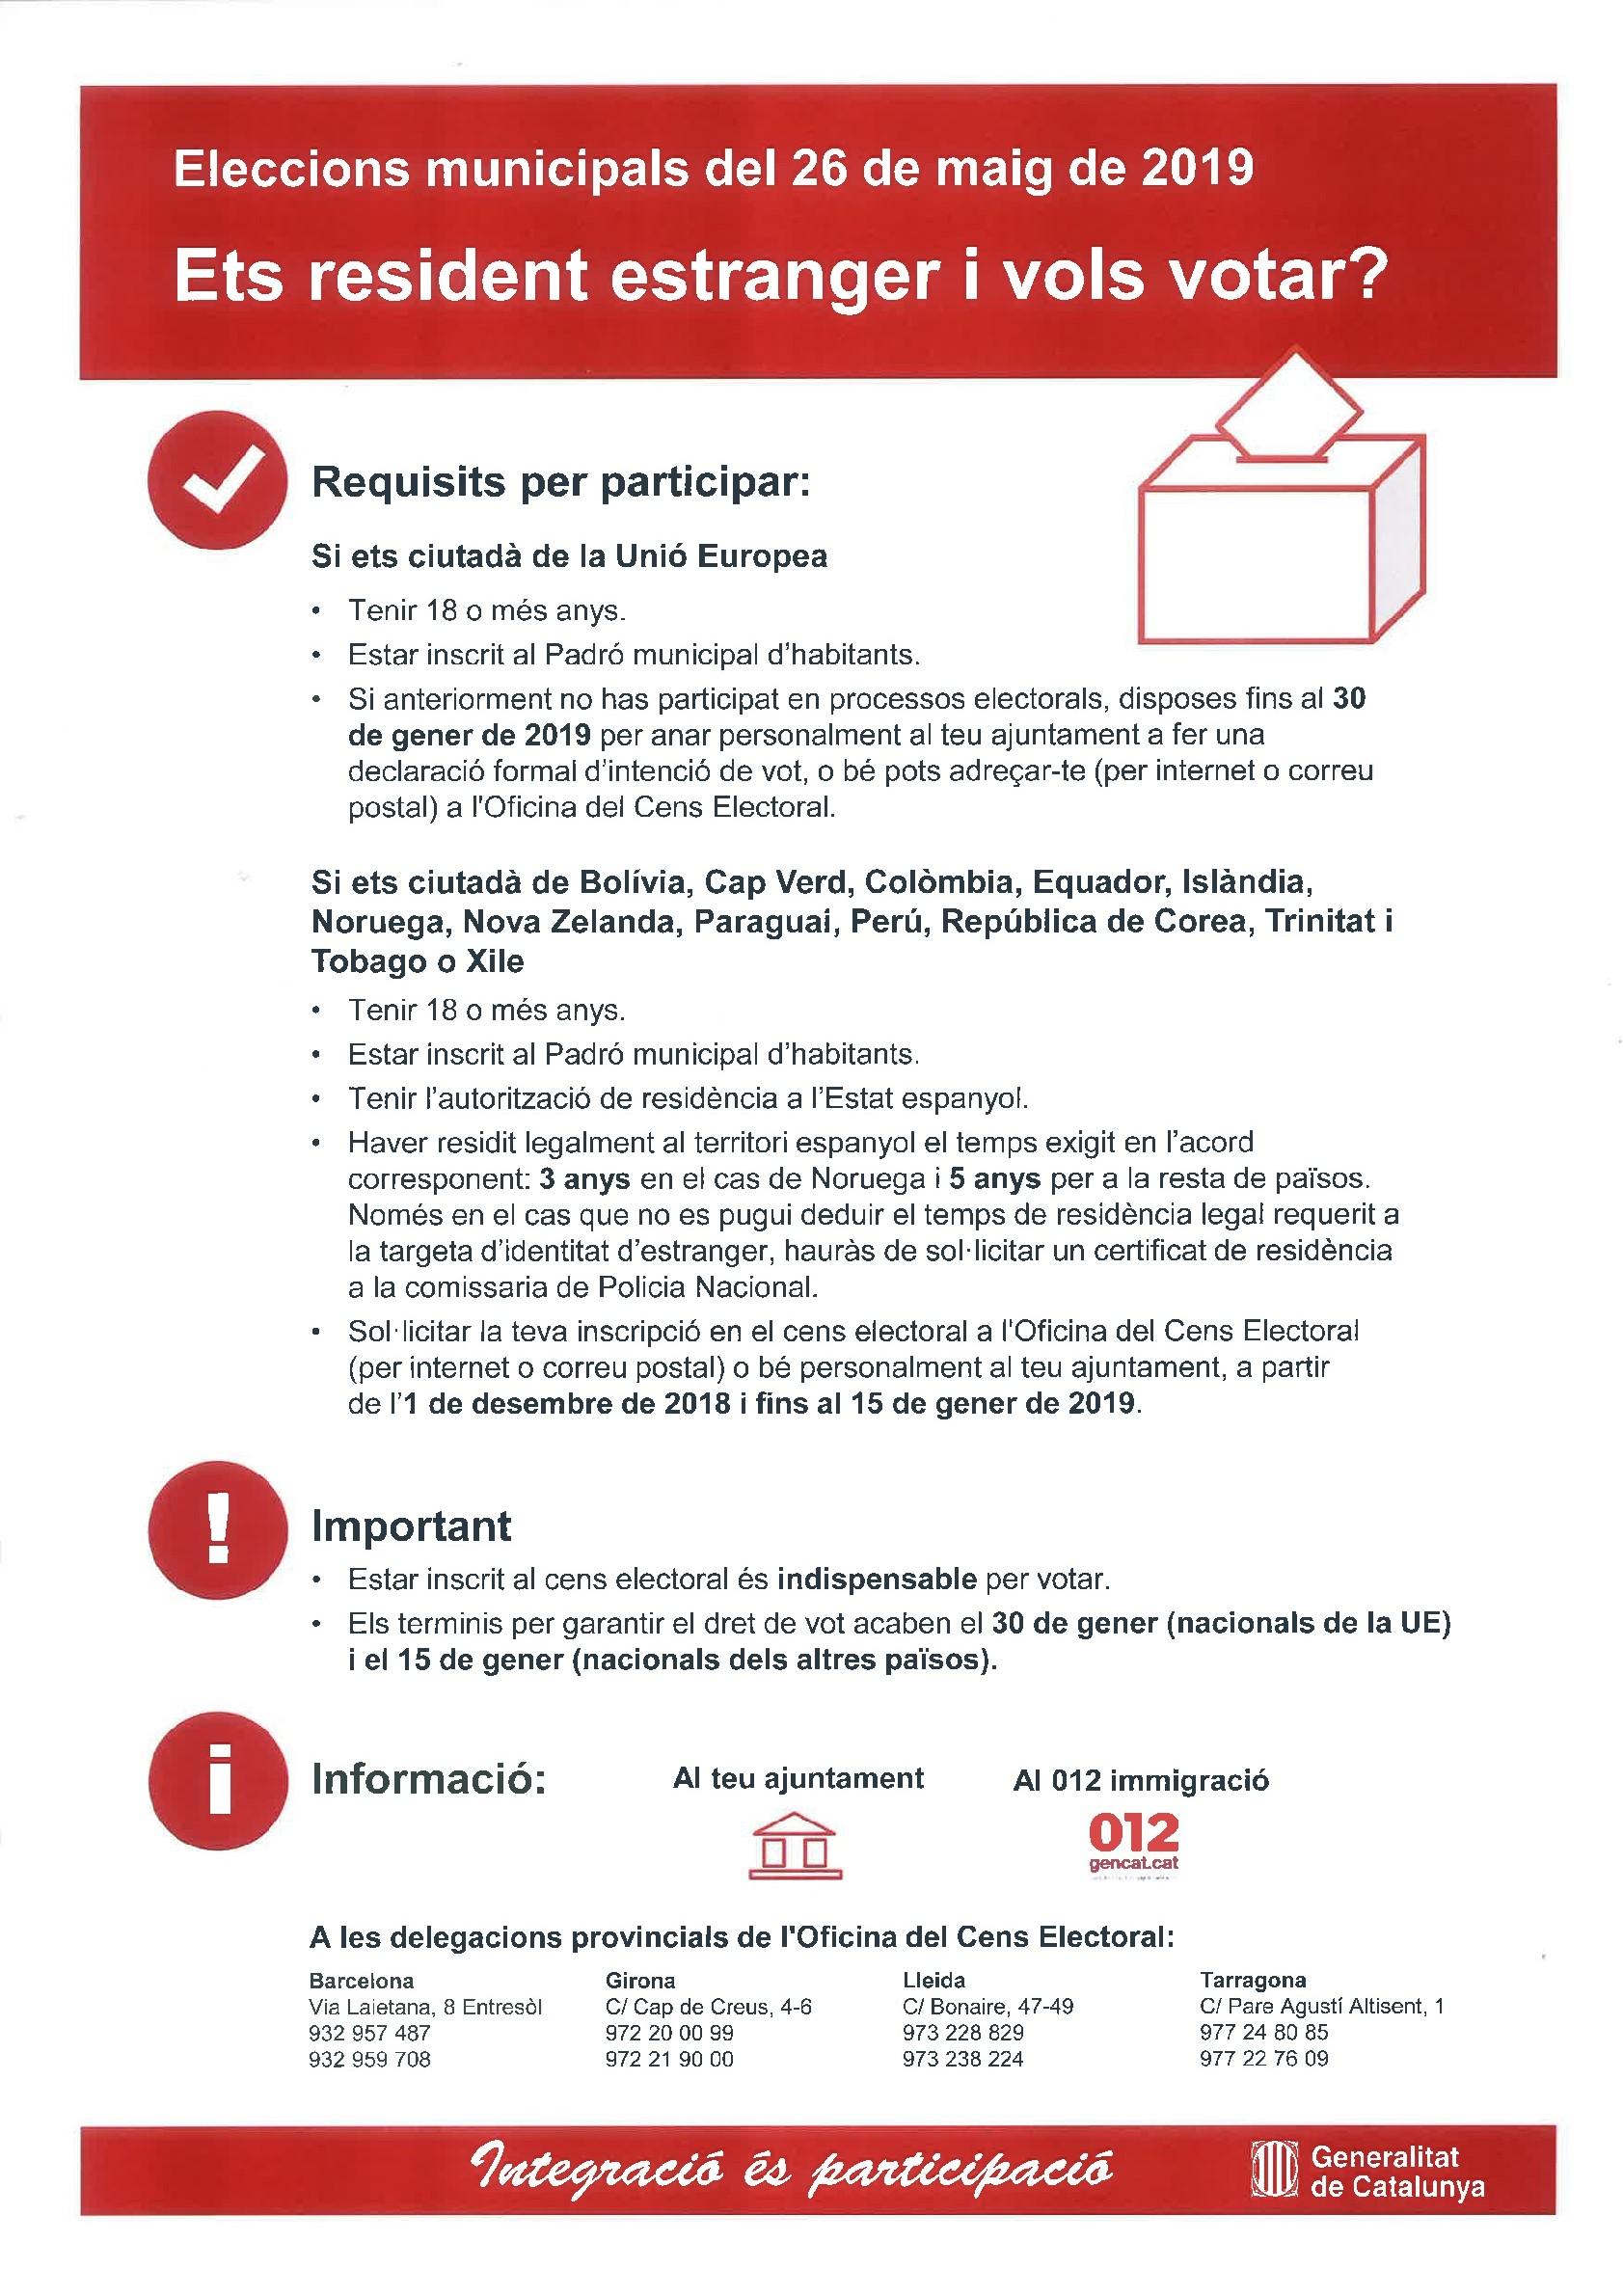 Informació per a residents estrangers en relació amb les Eleccions Municipals